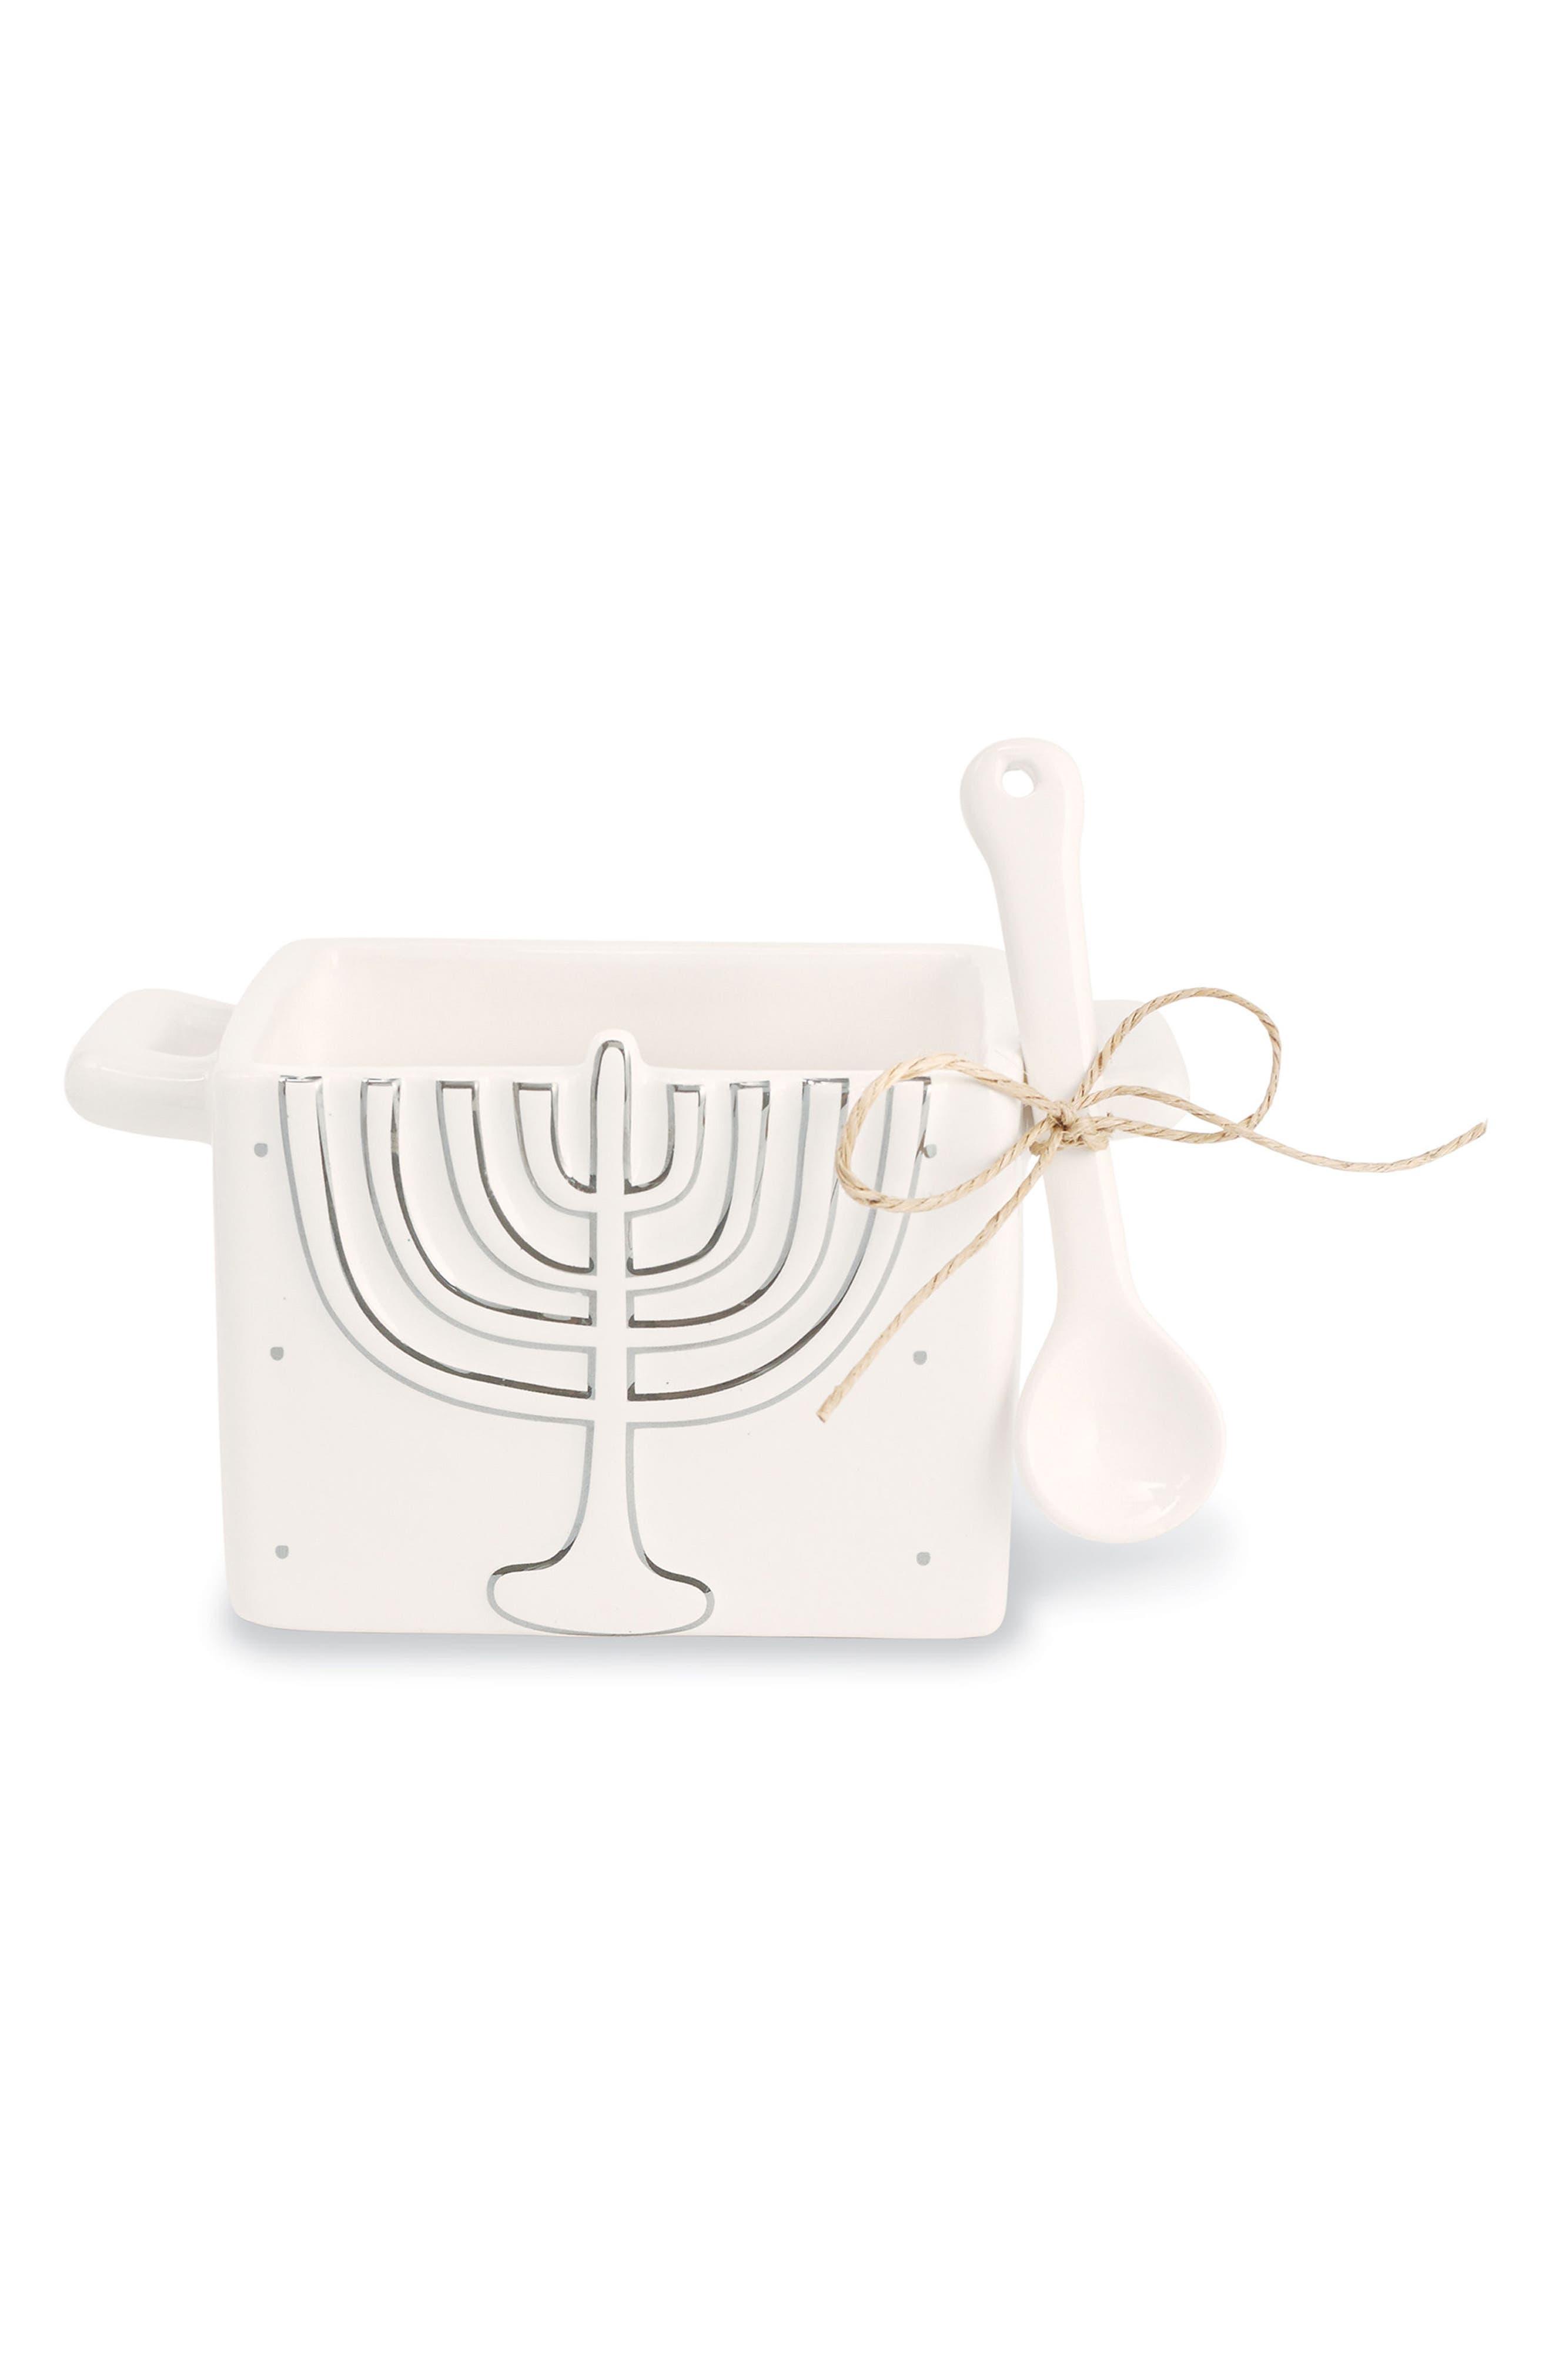 Alternate Image 1 Selected - Mud Pie Menorah Hanukkah Candy Caddy & Spoon